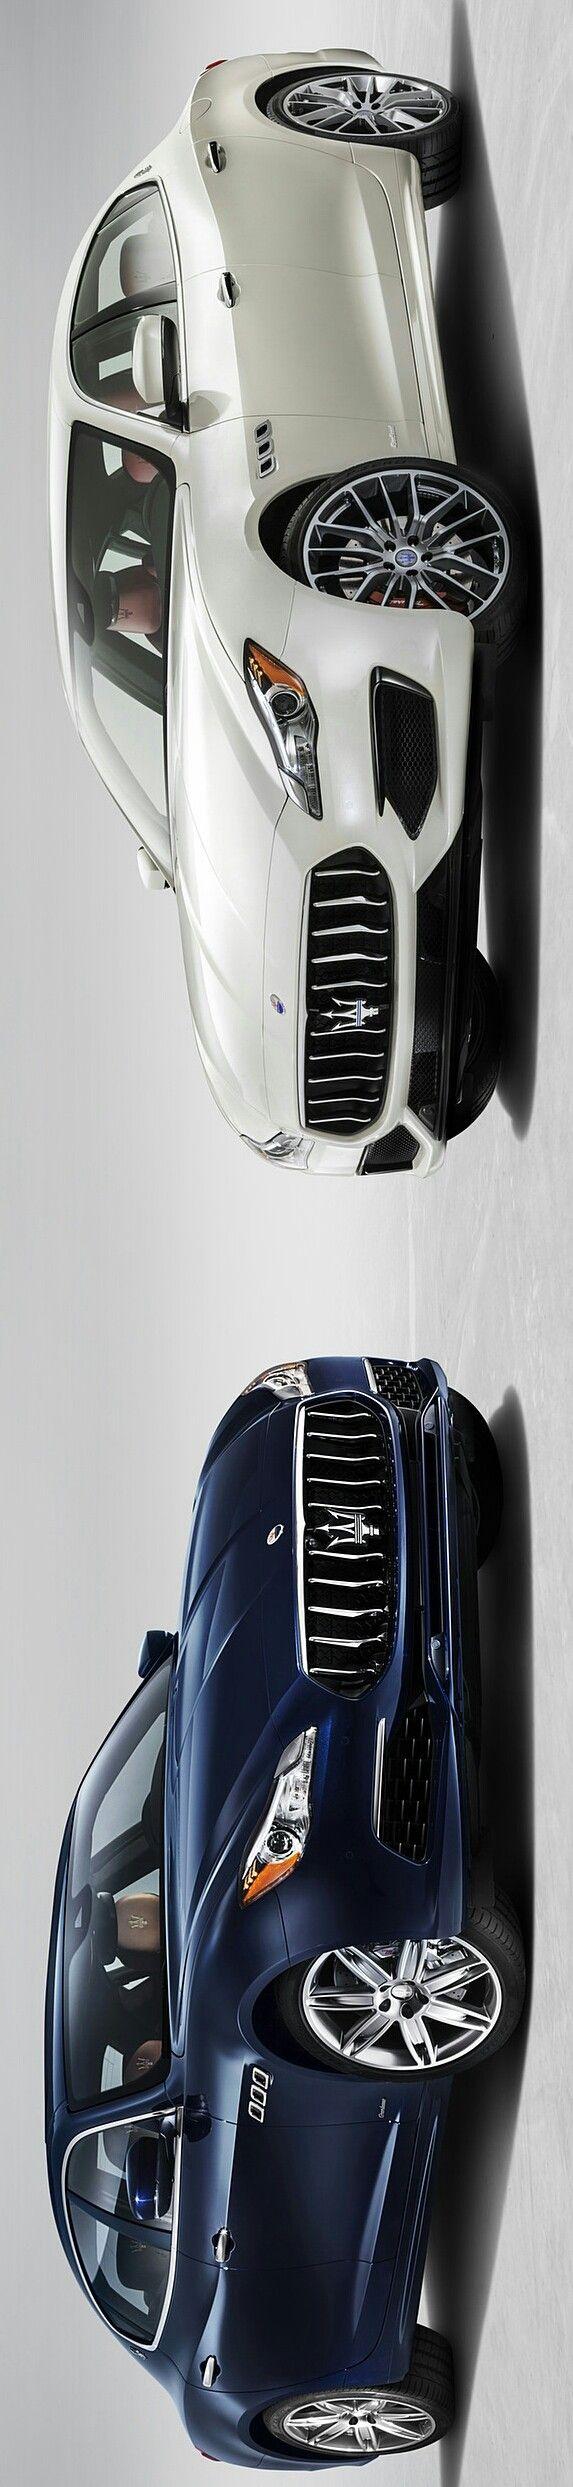 2017 Maserati Quattroporte S Q4 GranLusso & 2017 Maserati Quattroporte GTS GranSport by Levon